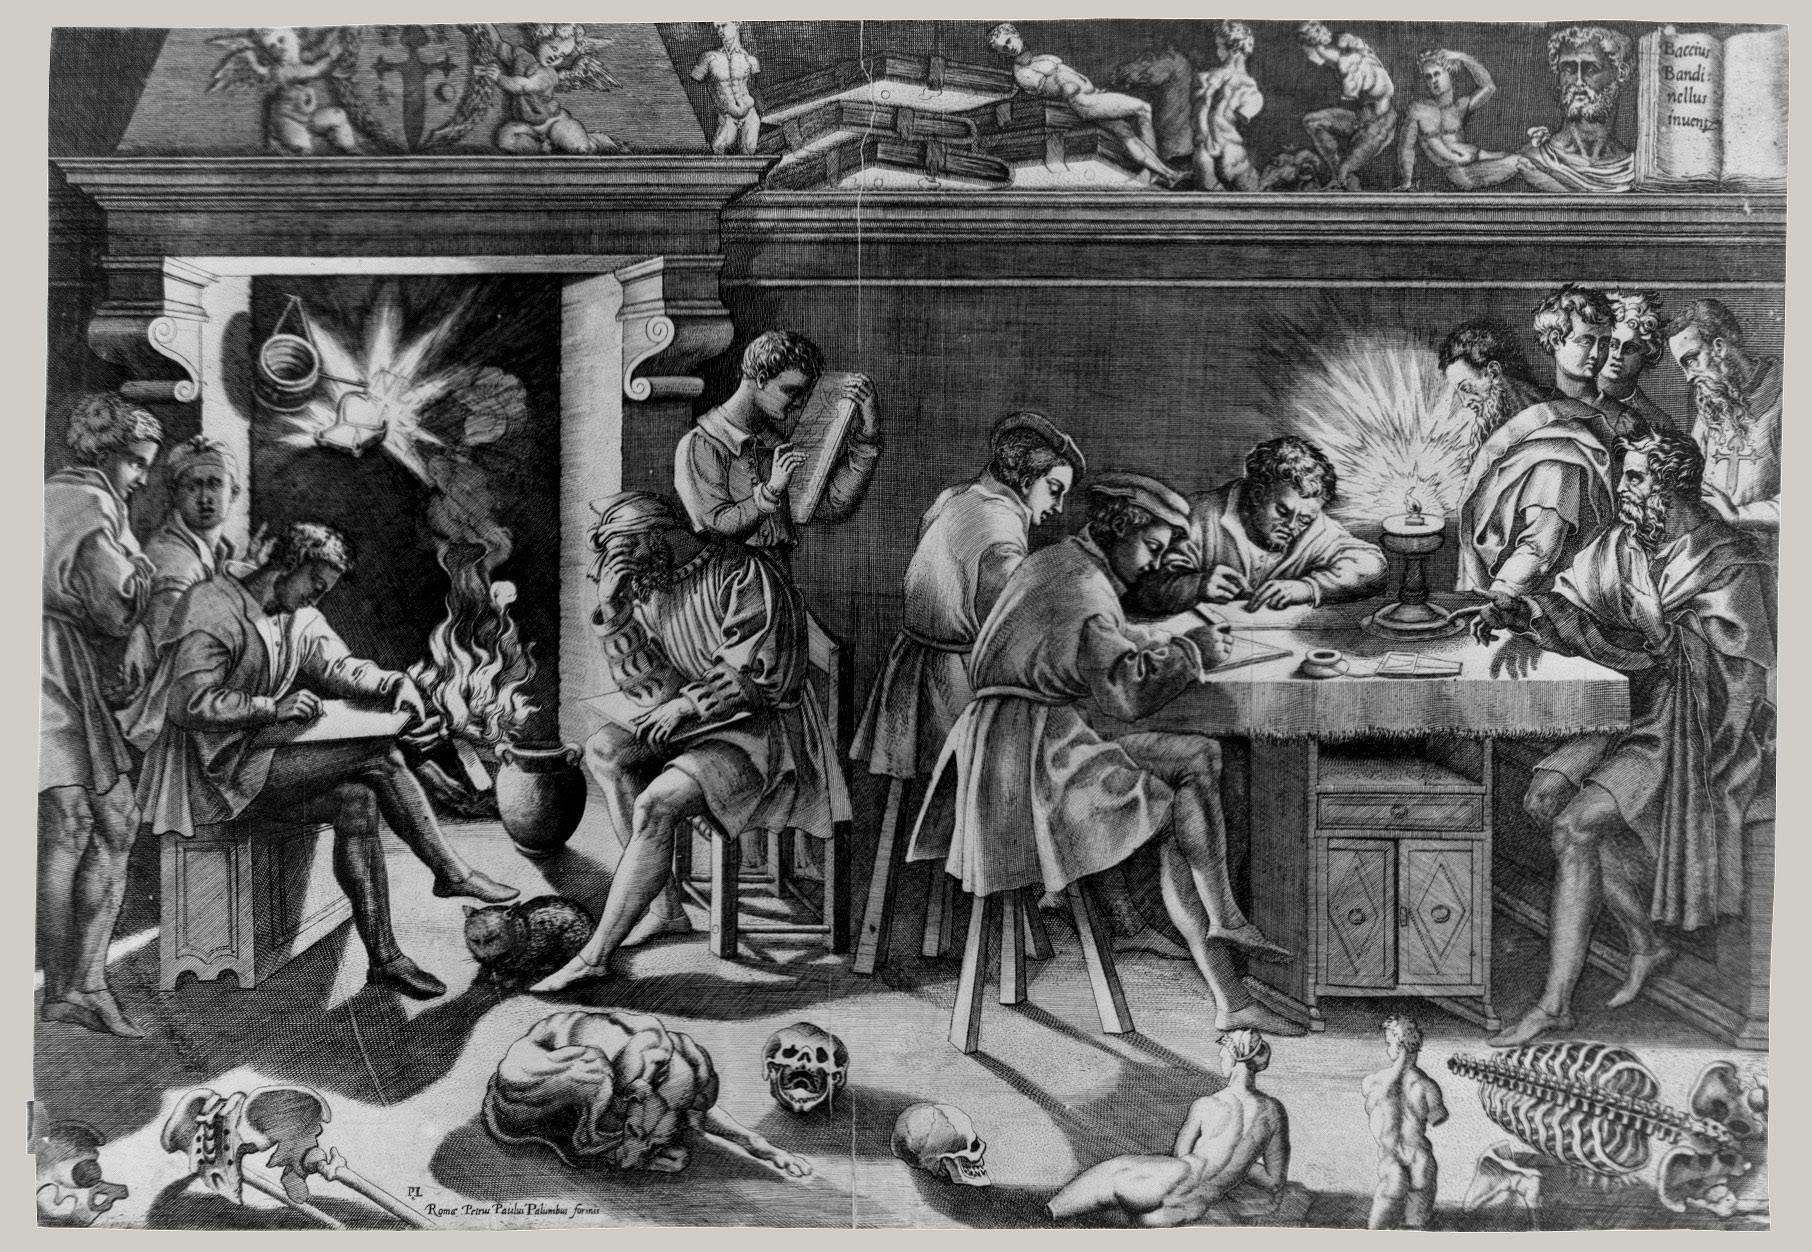 II Seminario Internacional ArtHist. Dibujo, pintura y escultura en los siglos XVI-XVIII. Nuevas aportaciones.